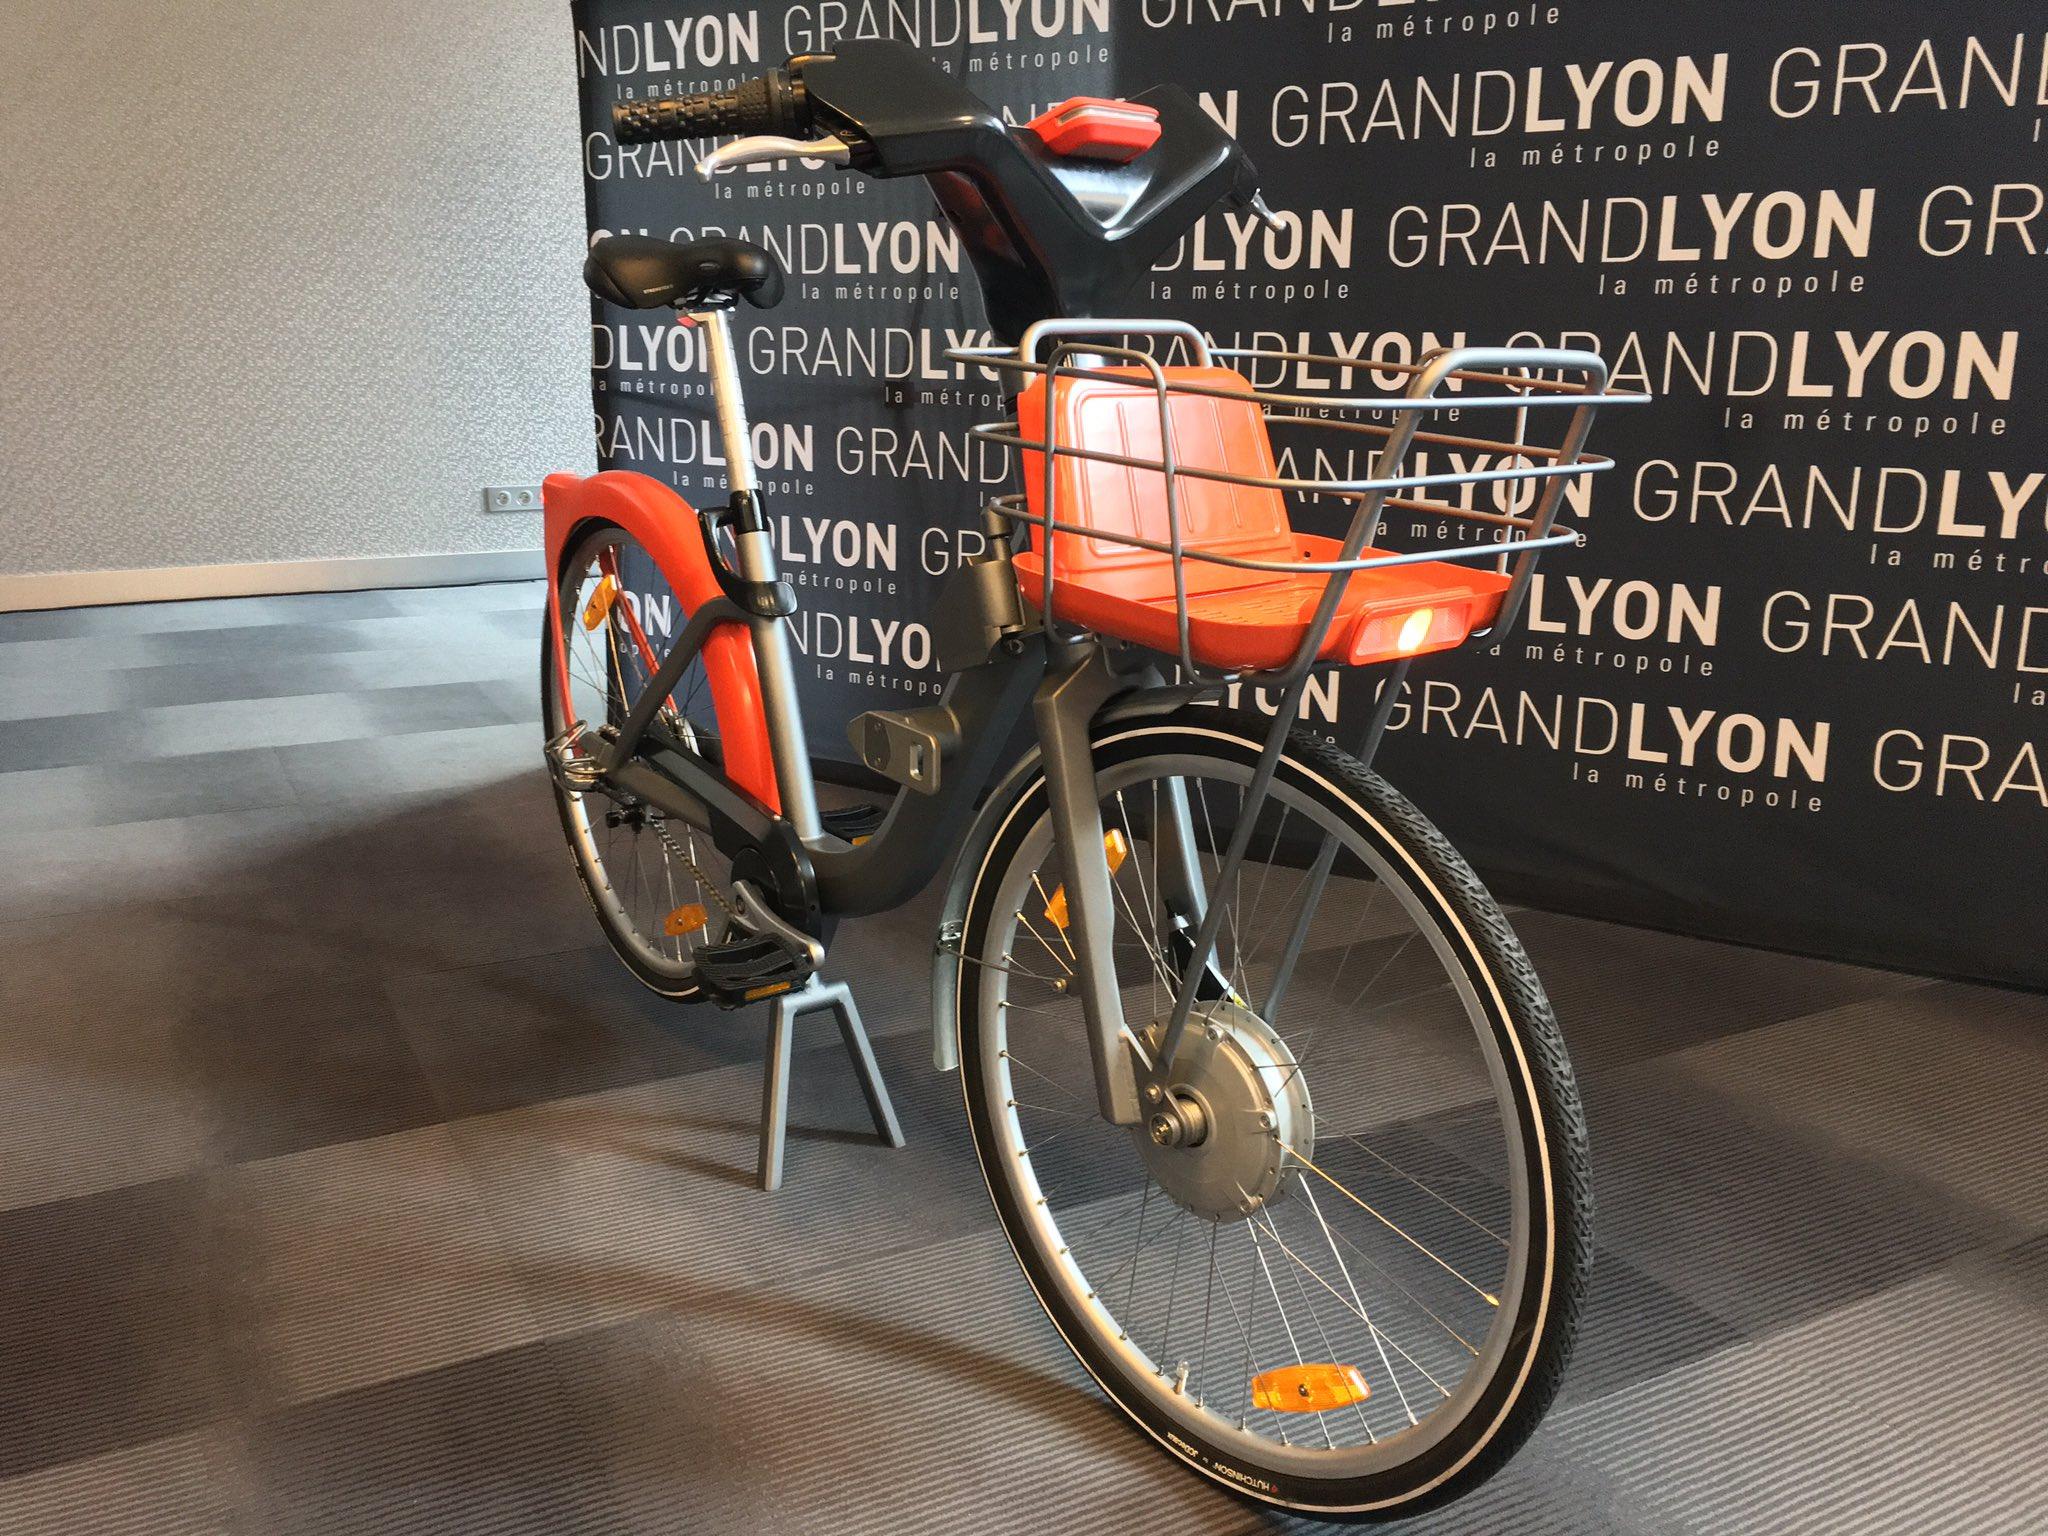 Renouvellement du contrat vélos en libre-service et mobilier d'affichage publicitaire avec JCDecaux